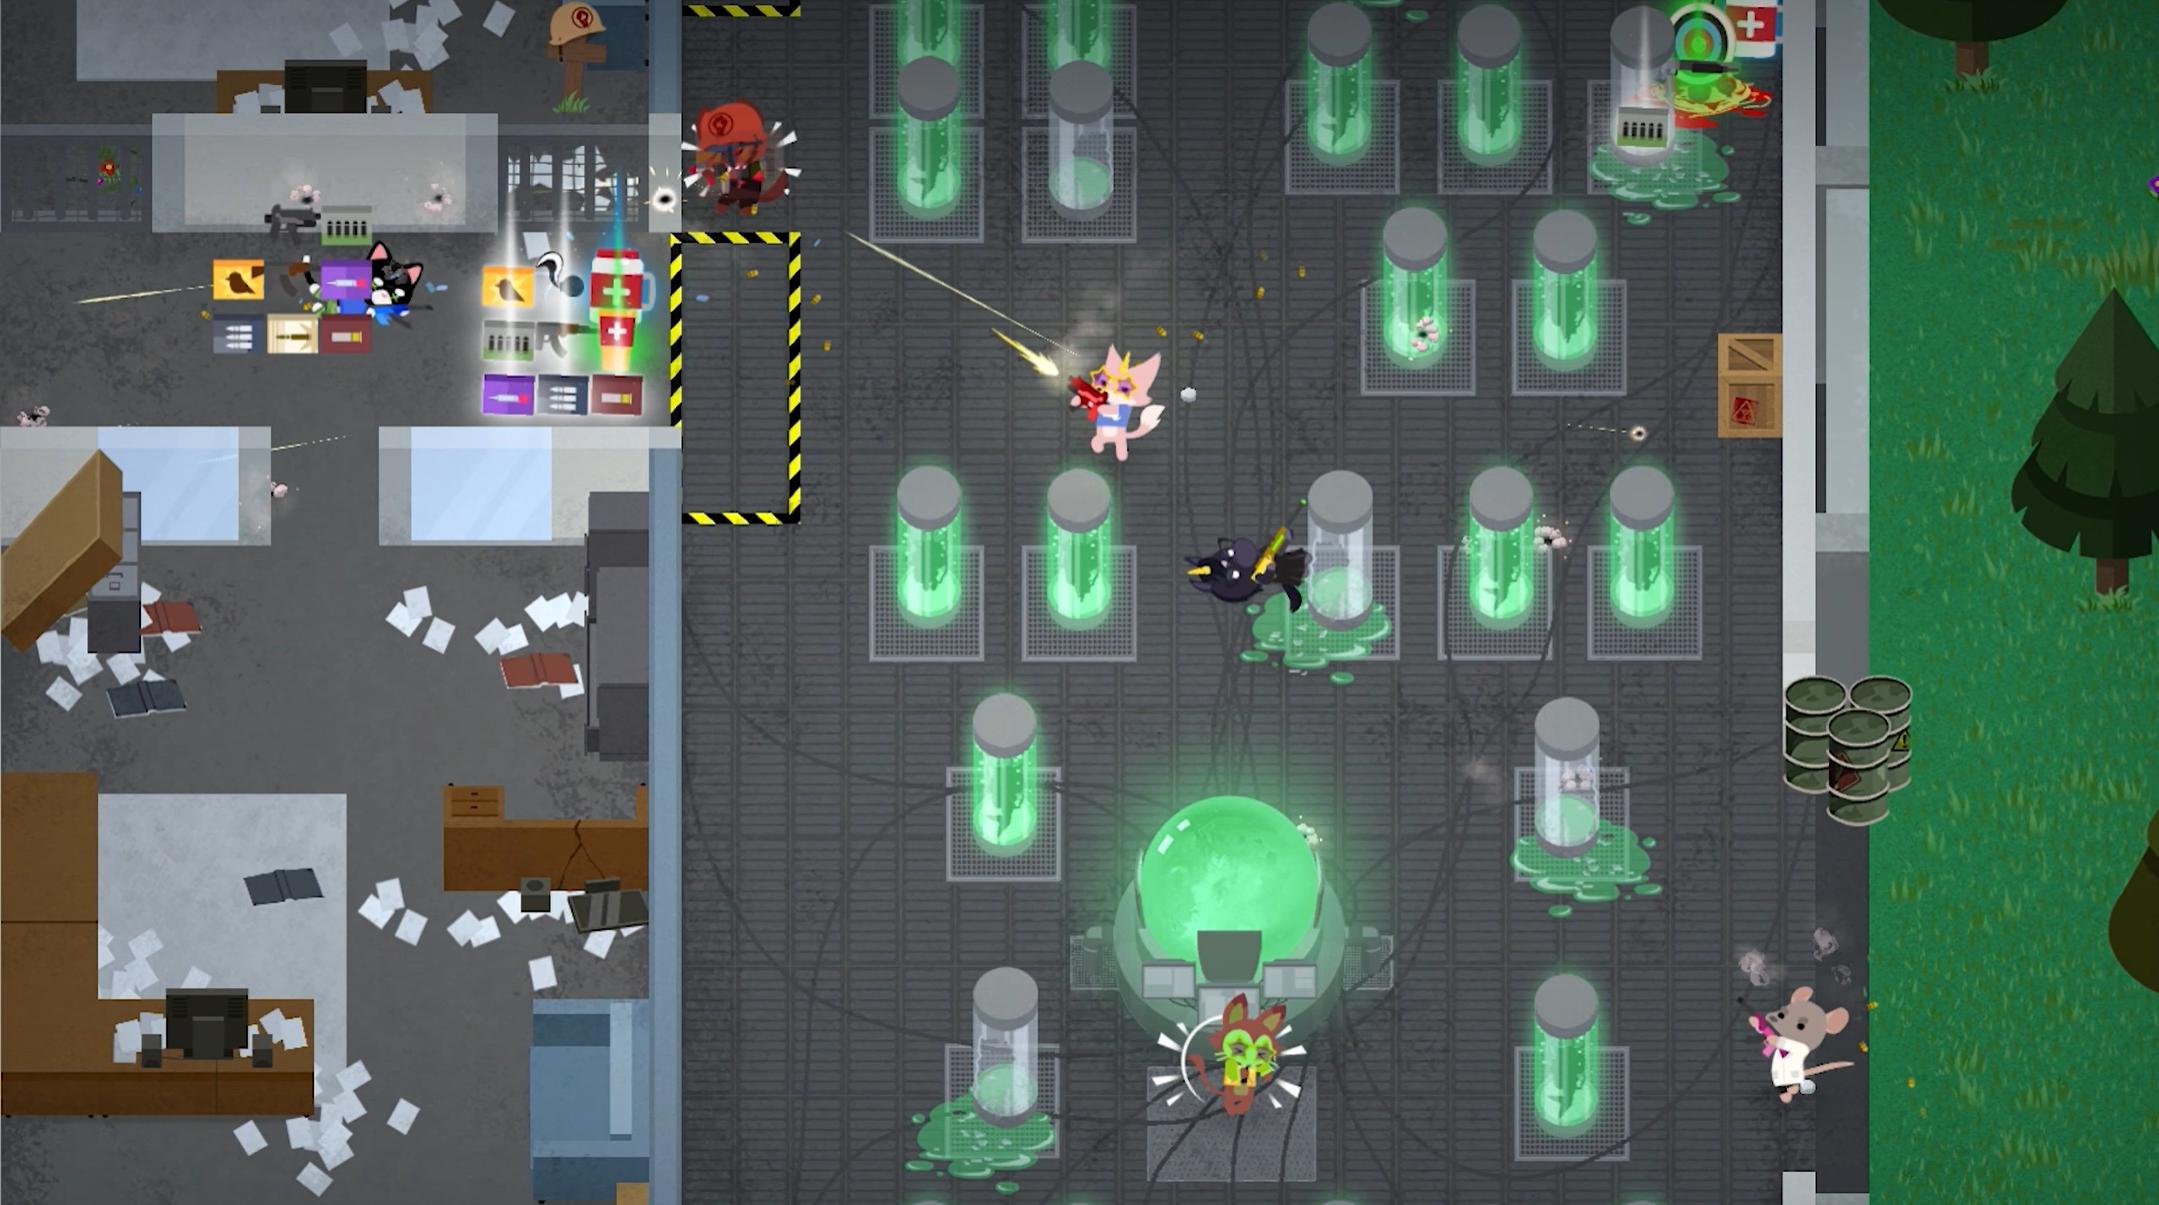 《超级动物大逃杀》在Steam上可以免费玩